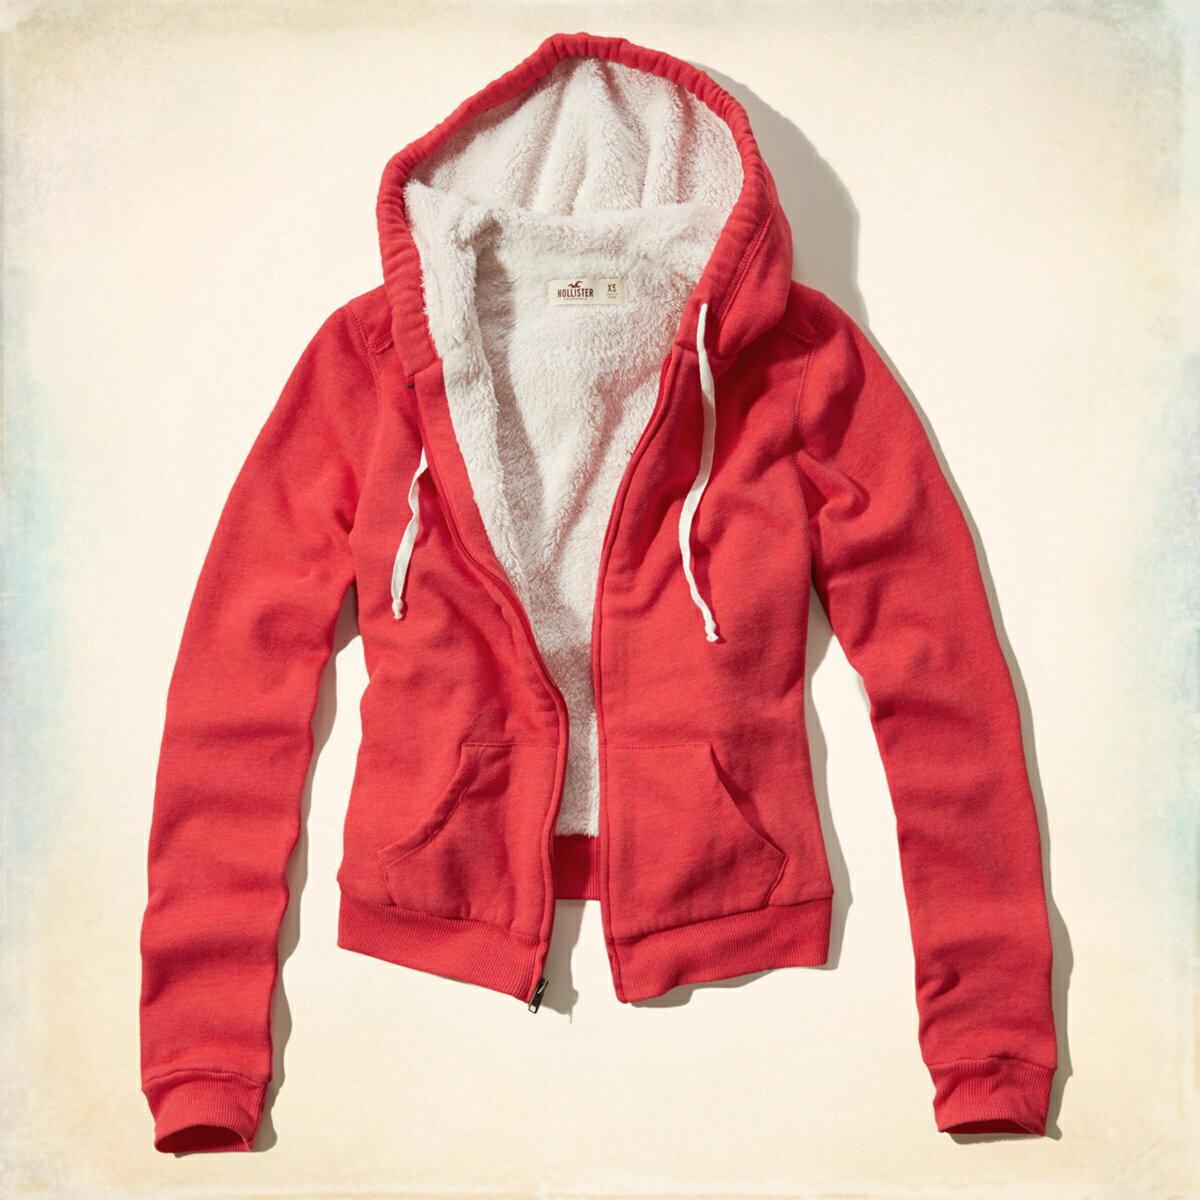 美國百分百【全新真品】Hollister Co. 外套 HCO 連帽 長袖 夾克 海鷗 刷毛 紅色 女 特價 S L號 F801